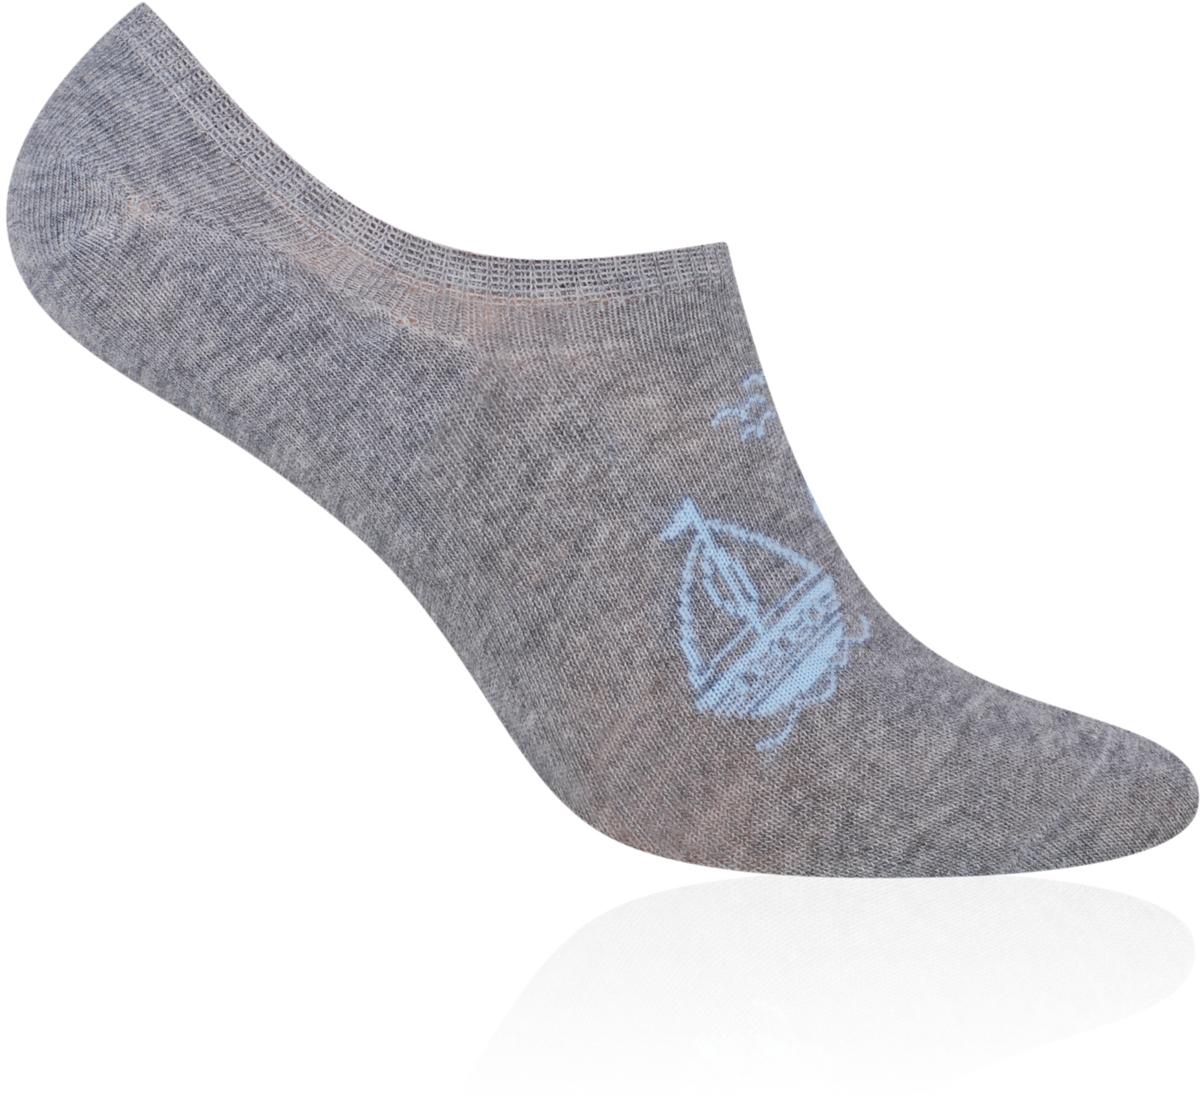 Носки подростковые Steven, цвет: серый. 150 (MS003). Размер 35/37150 (MS003)Носки Steven изготовлены из качественного материала на основе хлопка. Укороченная модель имеет мягкую эластичную резинку. Носки хорошо держат форму и обладают повышенной воздухопроницаемостью.